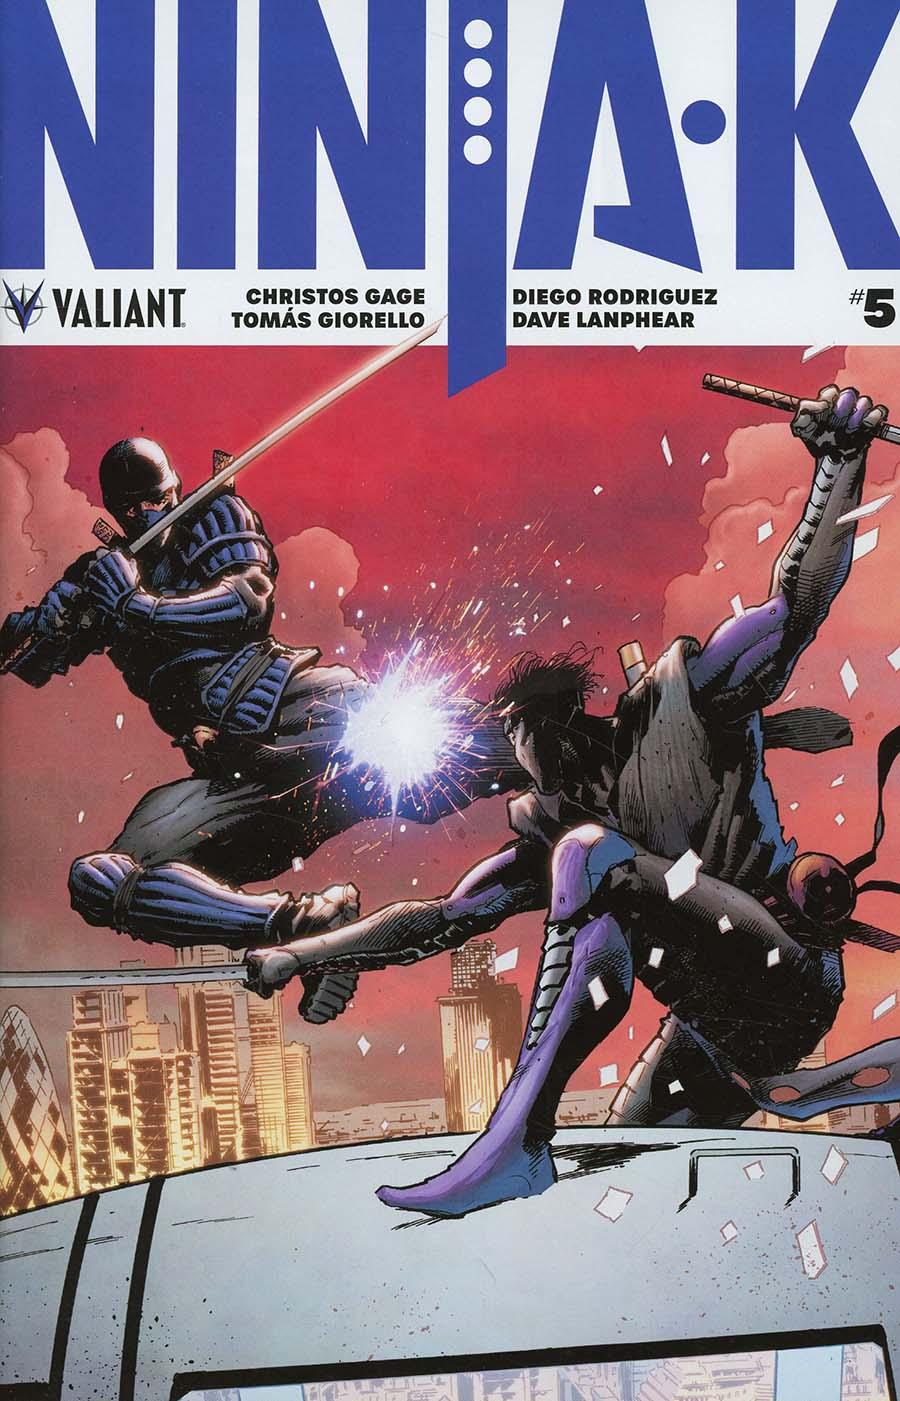 Ninja-K #5 Cover A Regular Trevor Hairsine Cover